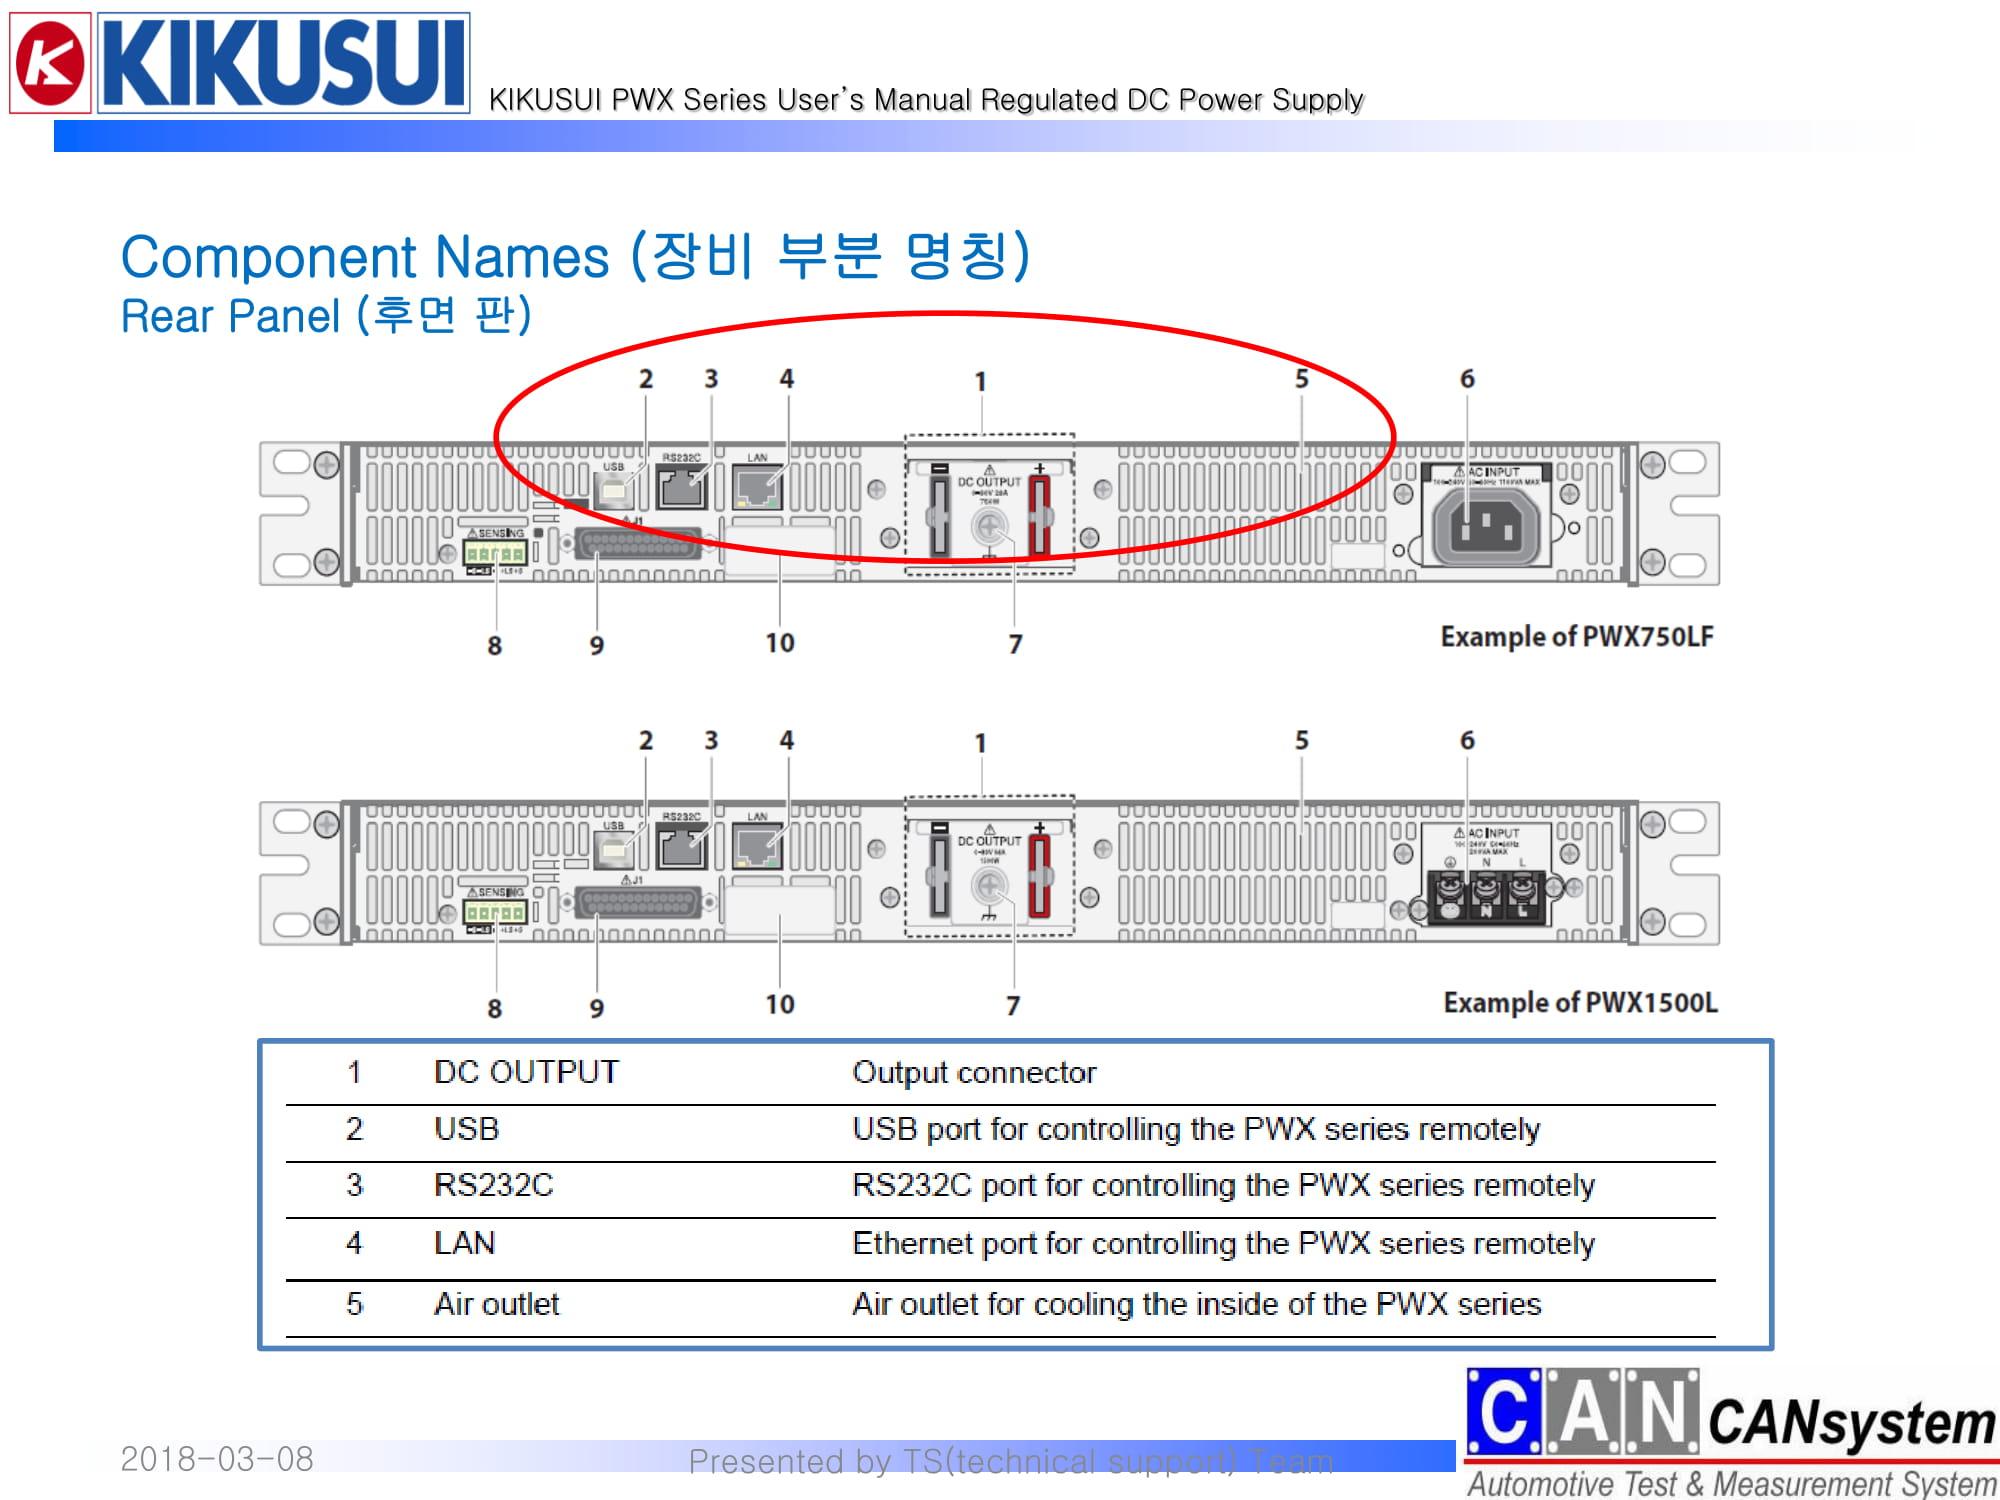 KIKUSUI PWX1500L 사용 가이드-10.jpg